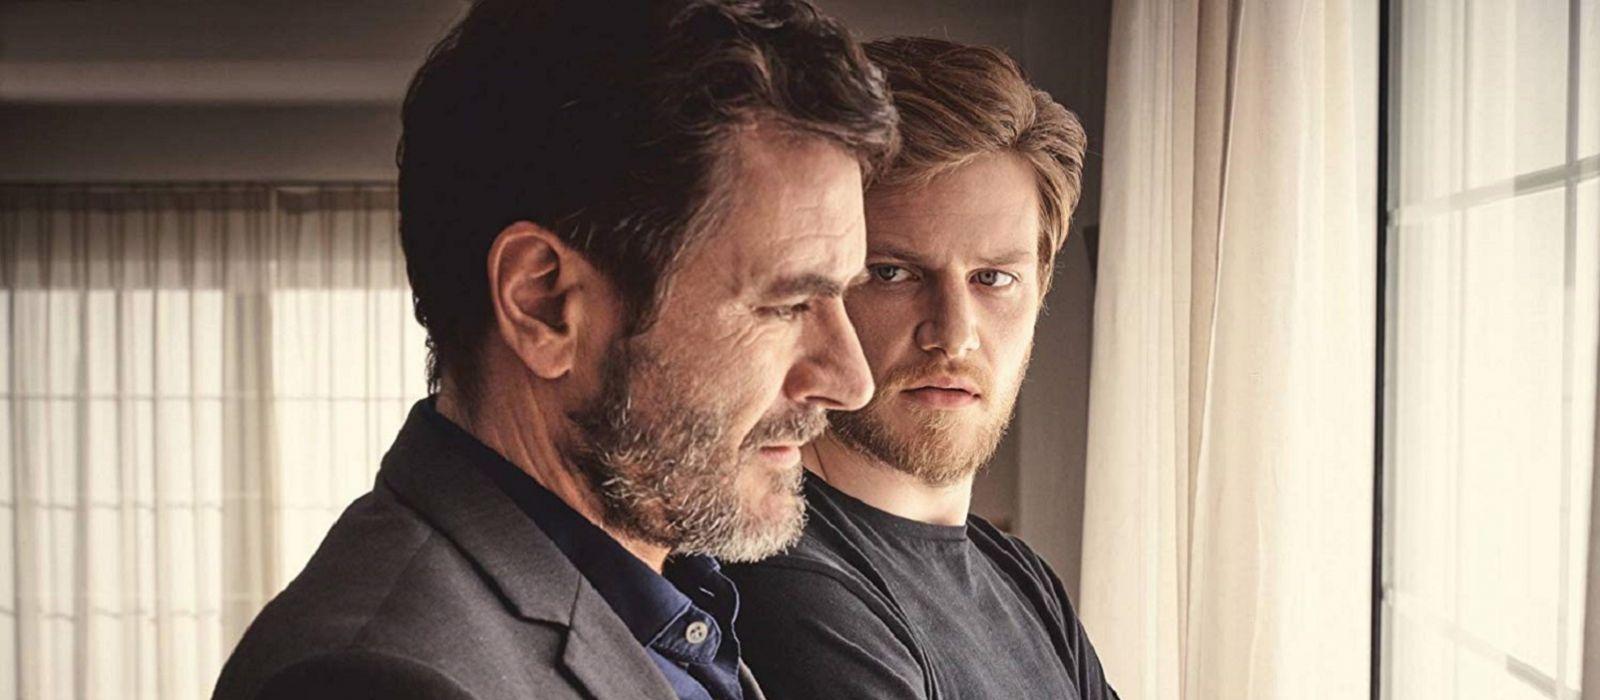 El buzo, dirigida por Günter Schwaiger. BCN Film Fest 2020